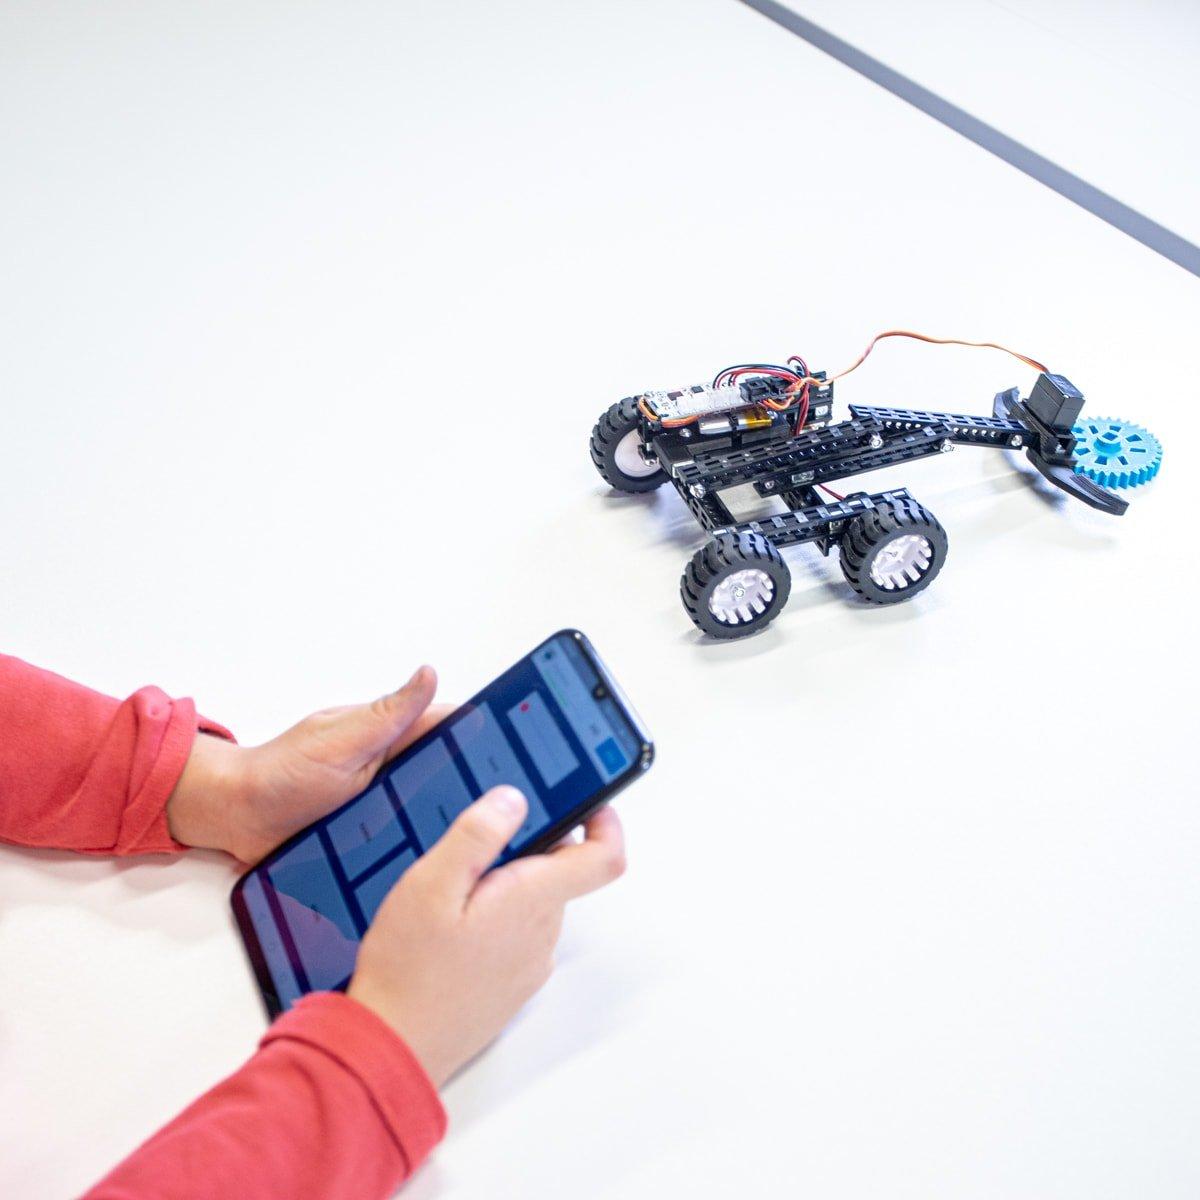 Robot sterowany aplikacją mobilną